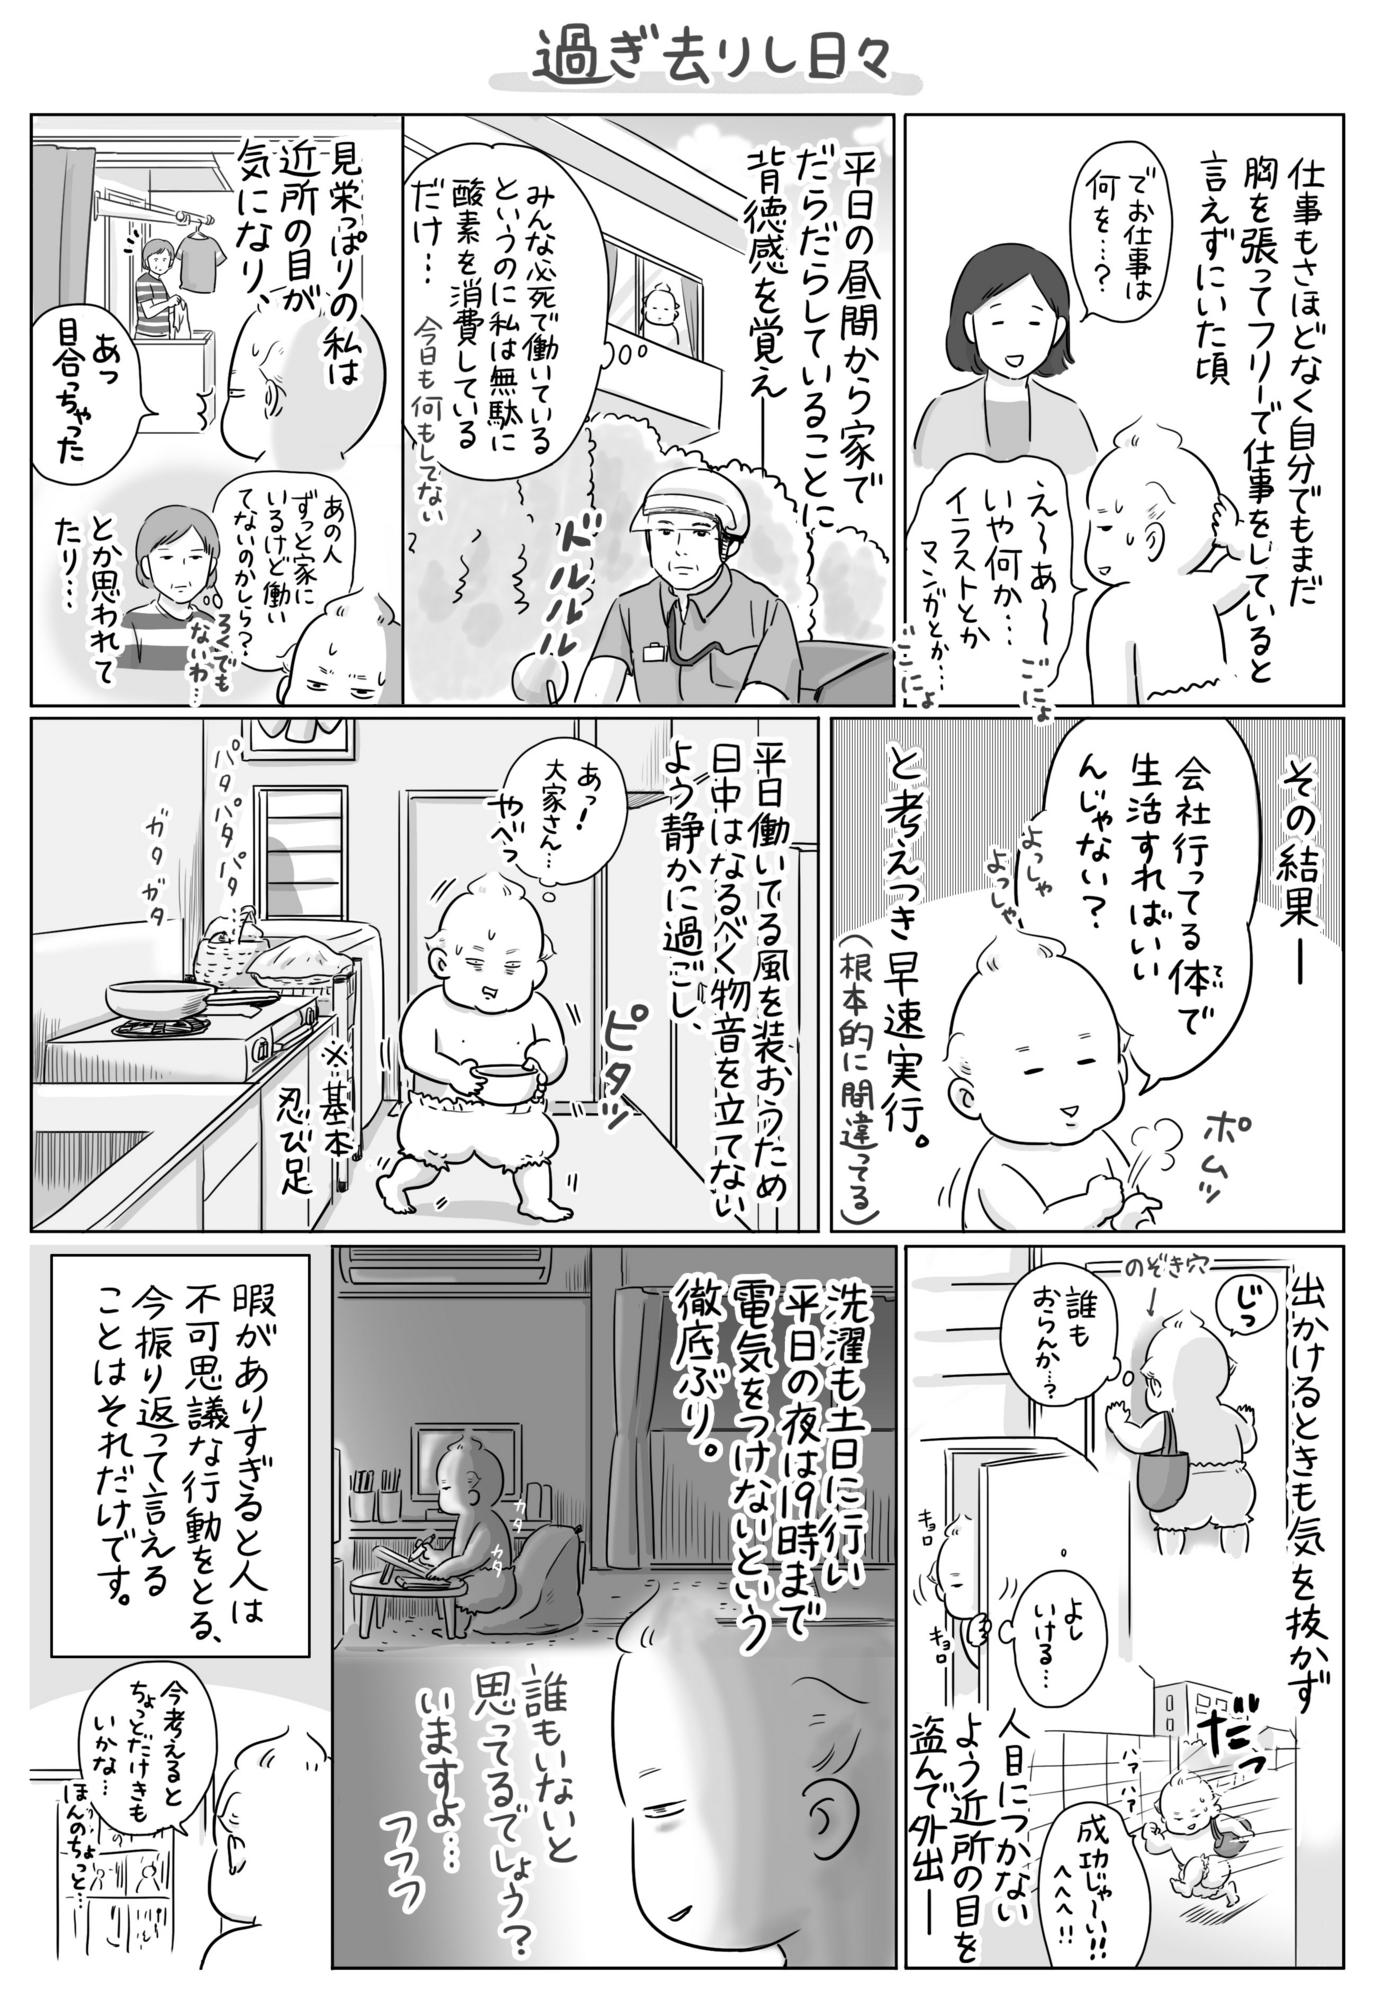 f:id:kakijiro:20160208145512j:plain